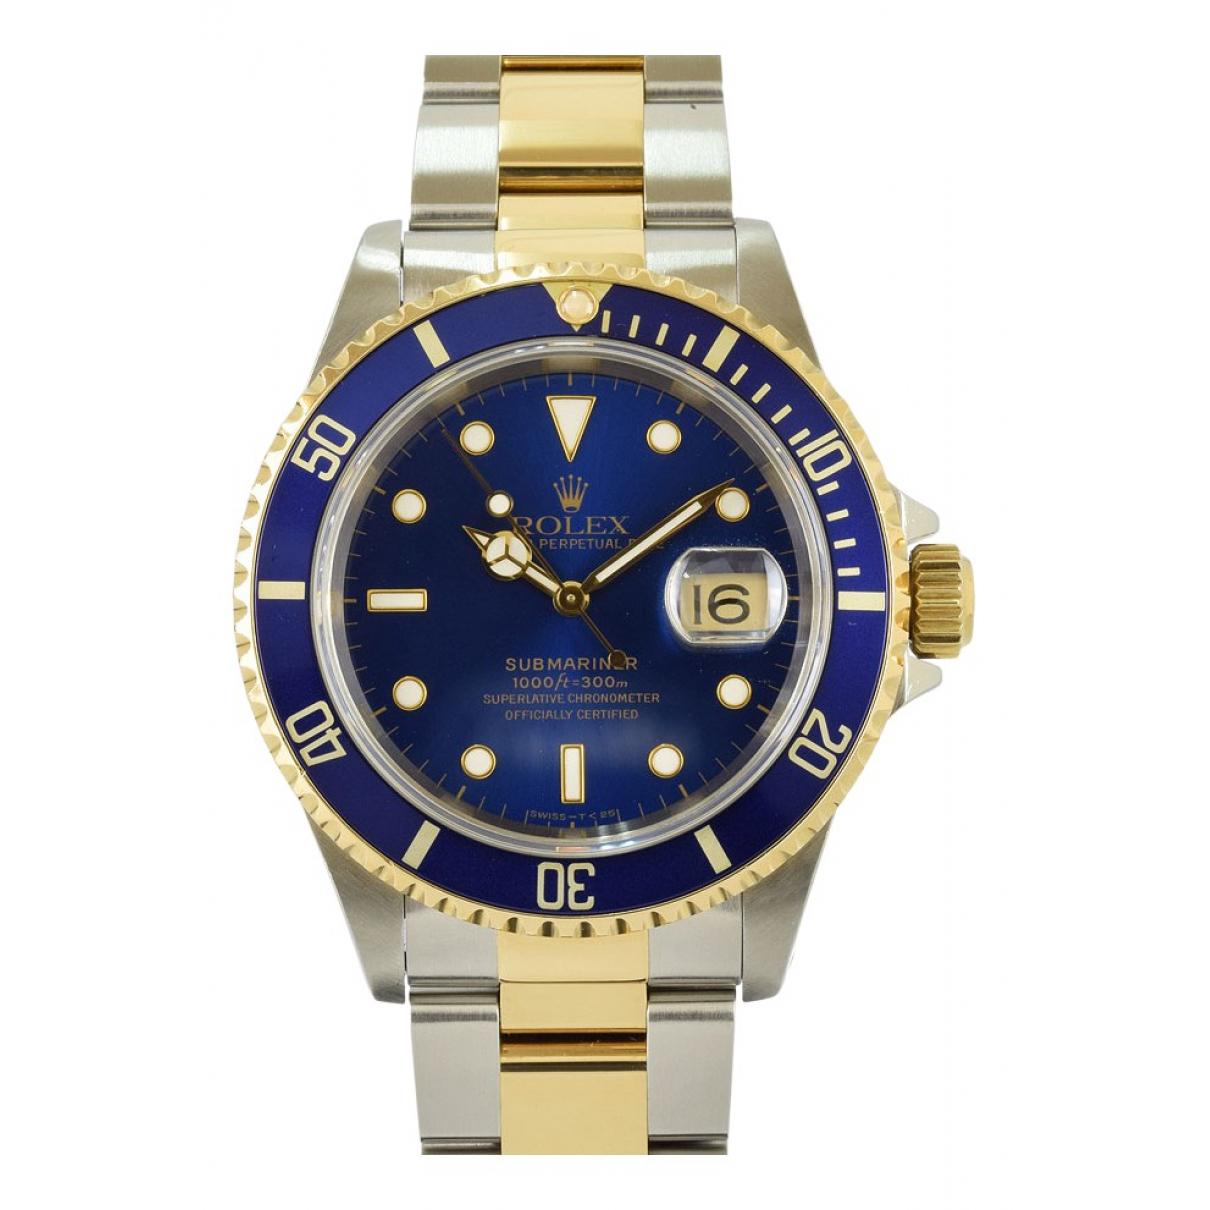 Rolex Submariner Uhr in  Blau Gold und Stahl